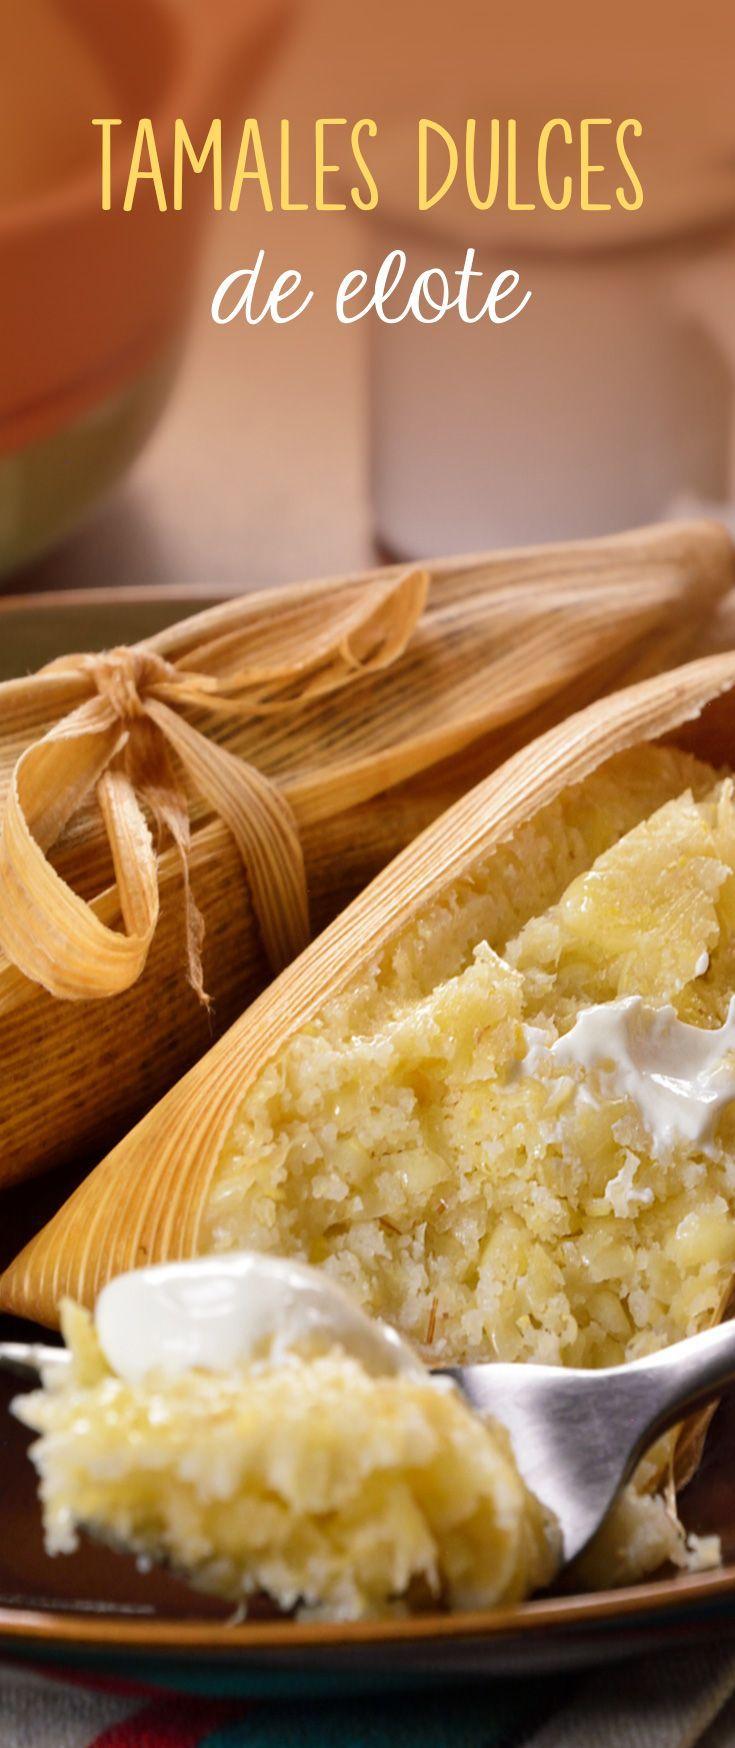 Prepara estos tamales de elote son típicos de México, Guatemala y Perú donde les llaman uchepos, guapos o humitas. La masa de estos tamales se hace a base de maíz tierno y se sirve con crema, queso, salsa roja o con leche condensada. Una receta mexicana ideal para día de Muertos o el Día de la canderlaria.